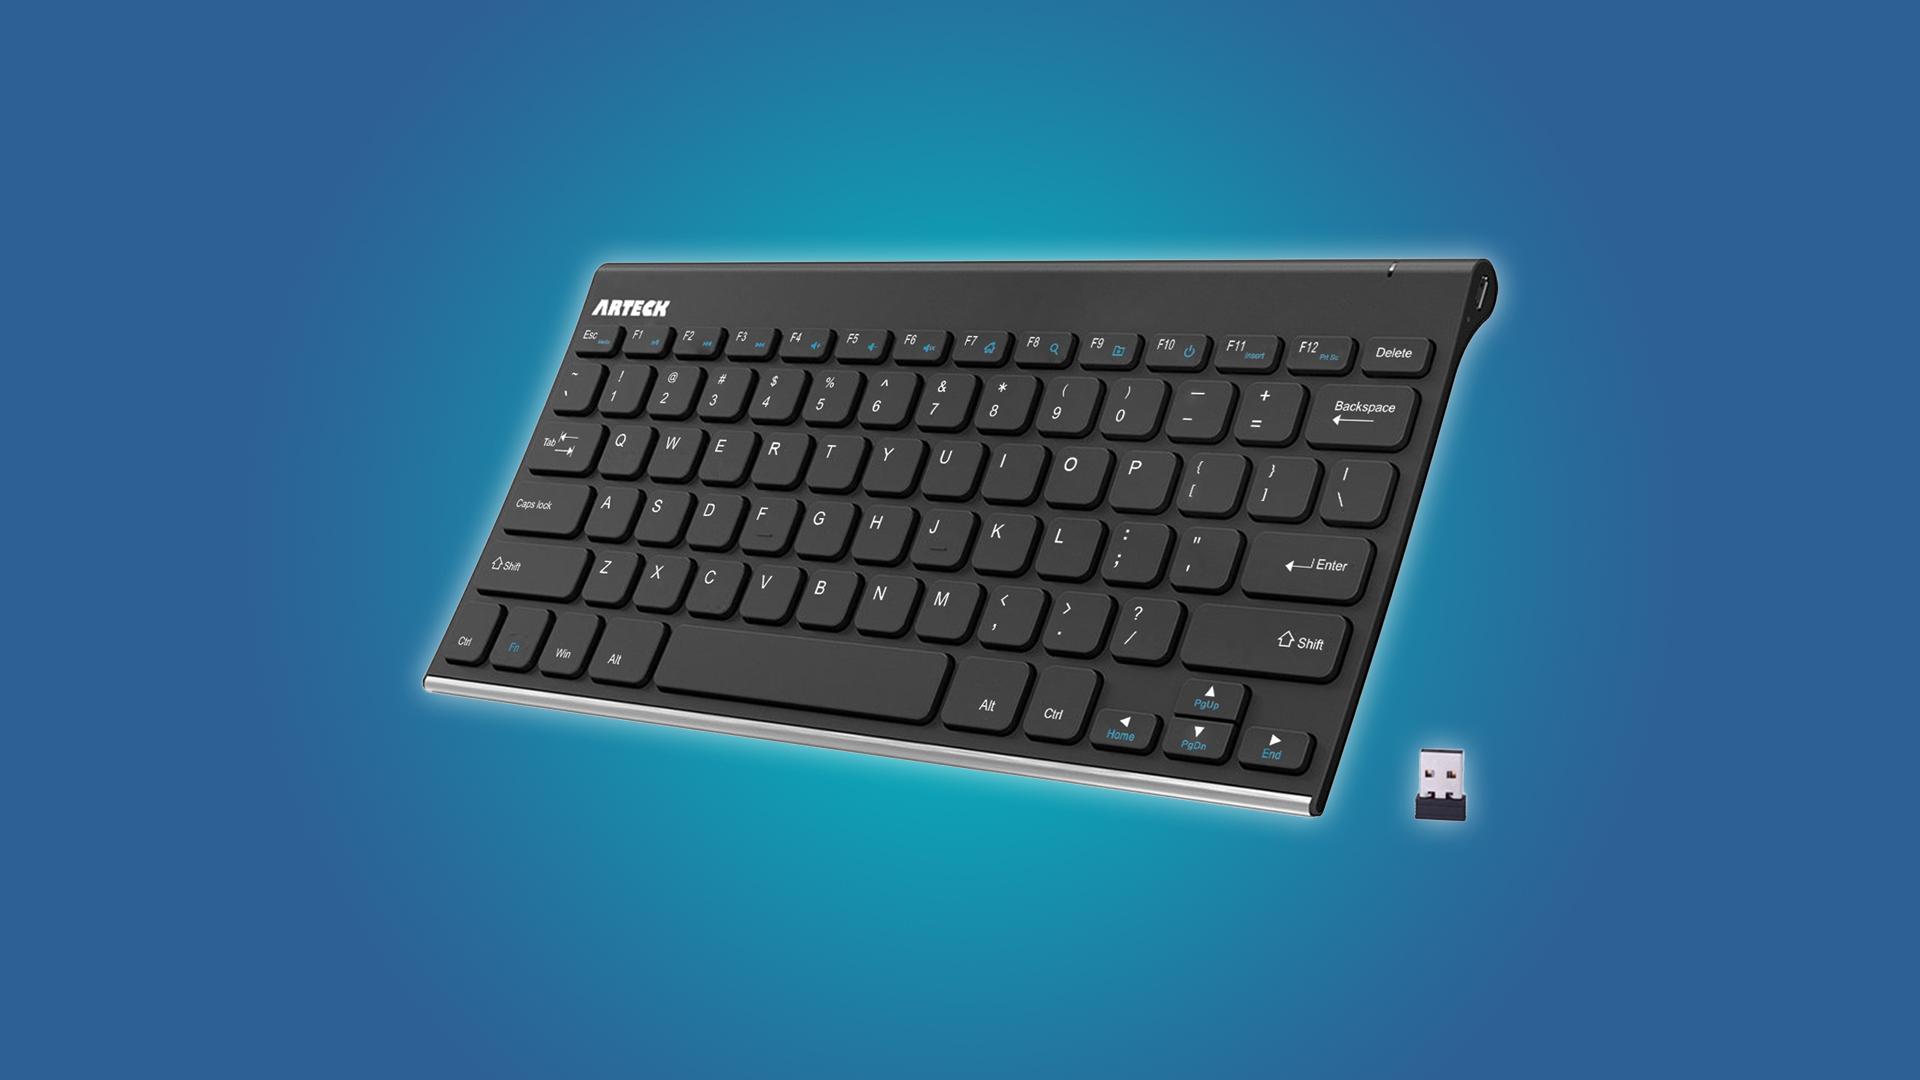 Arteck 2.4G Wireless Keyboard